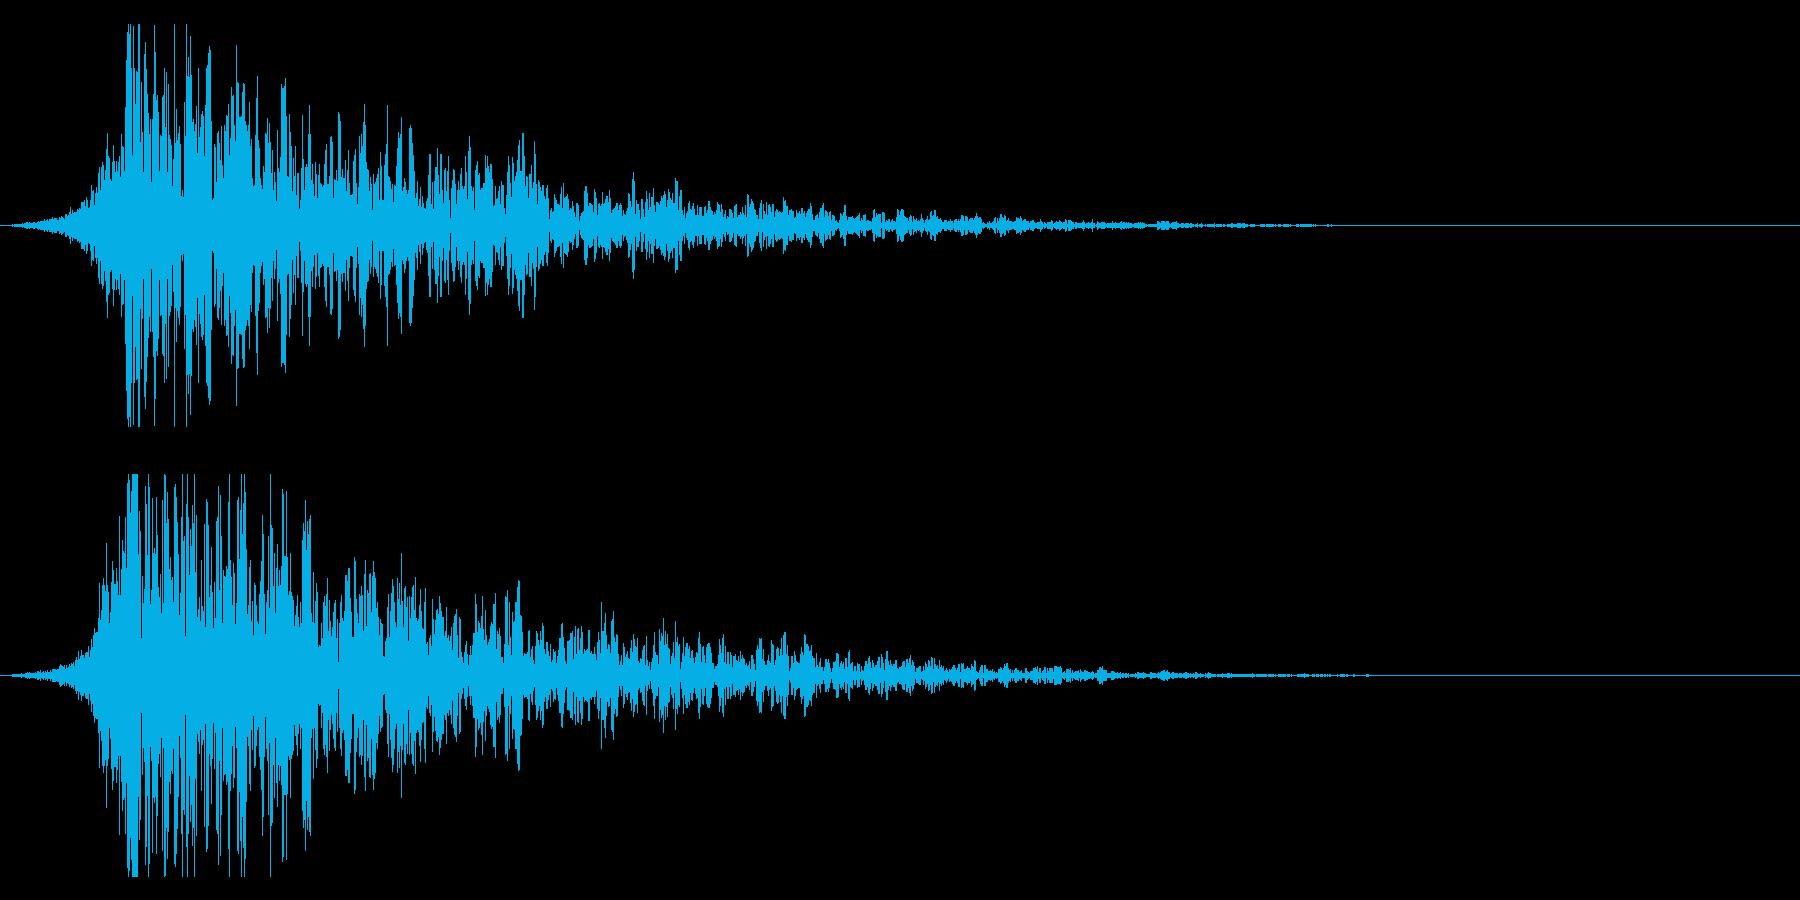 シュードーン-24-2(インパクト音)の再生済みの波形